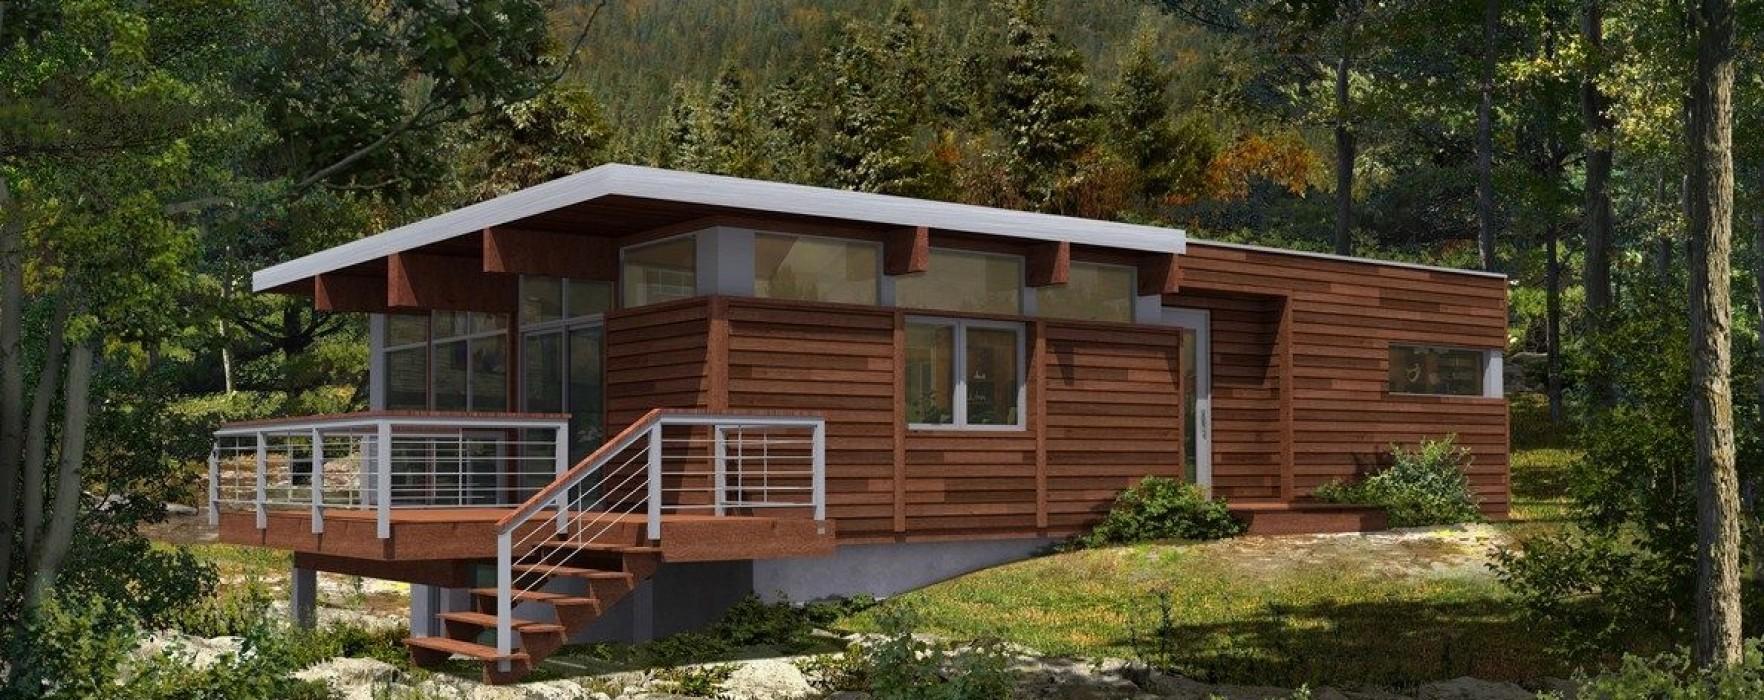 Il finanziamento delle case in legno for Durata case in legno